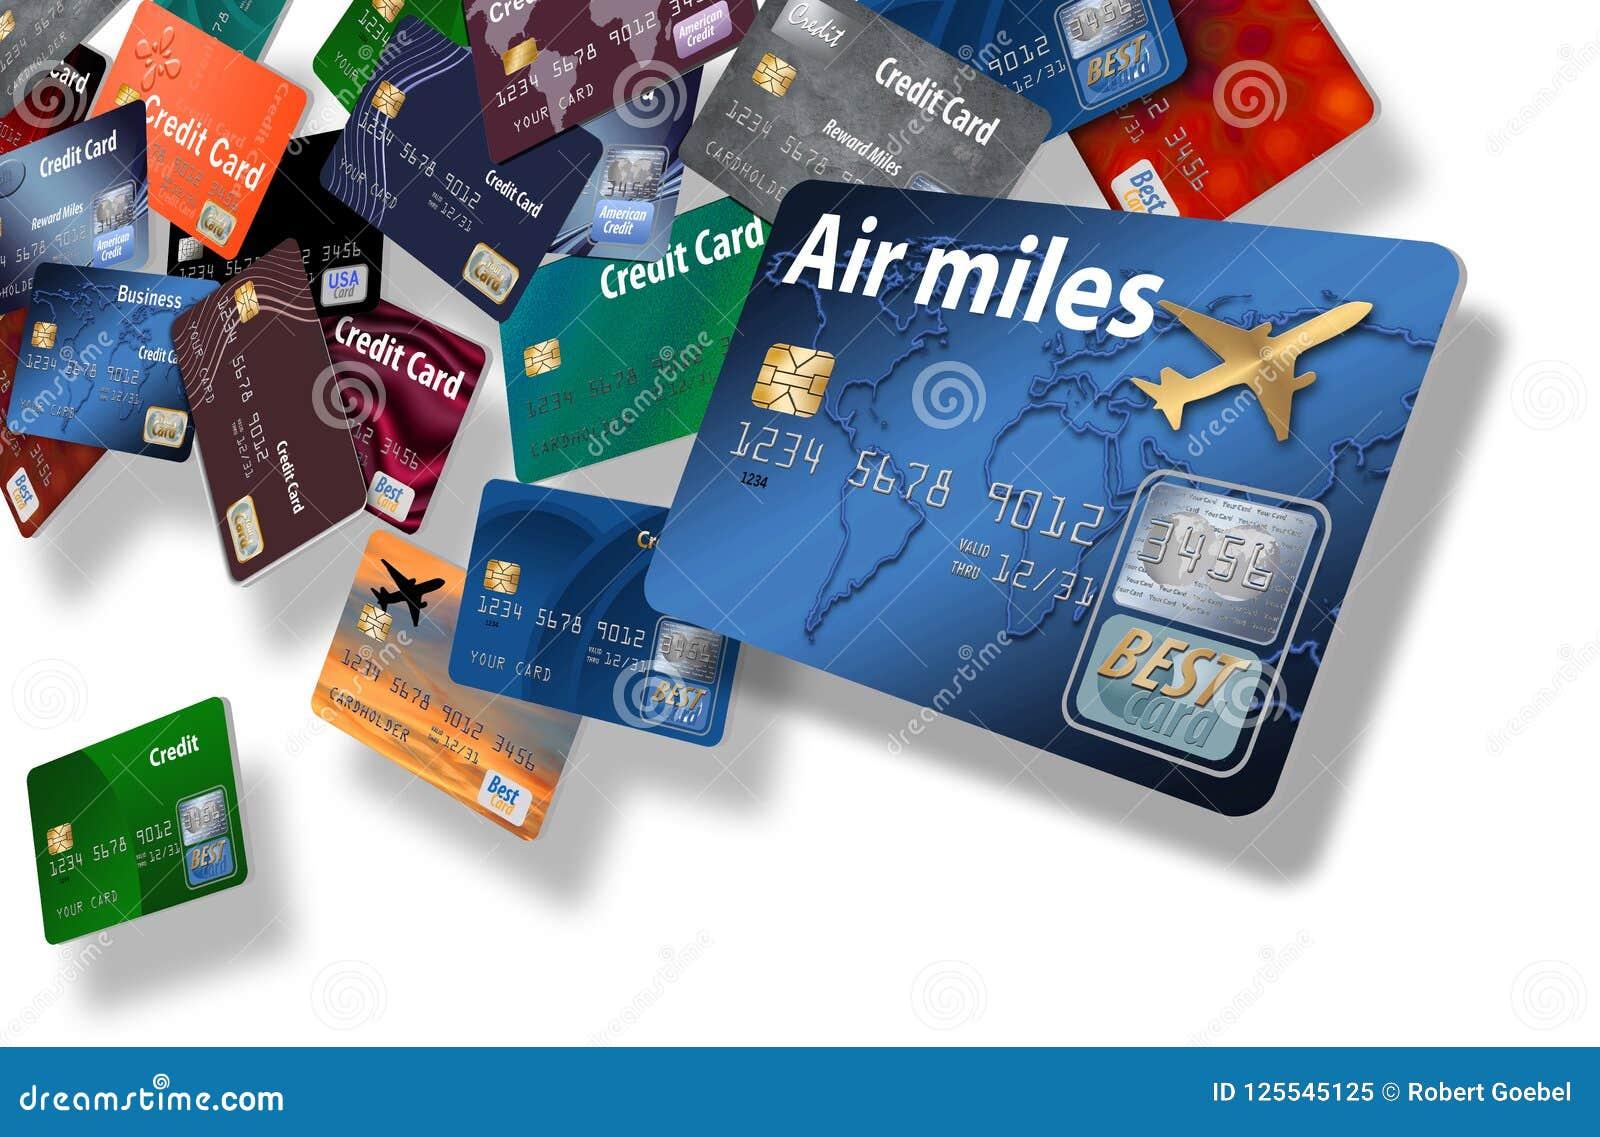 Здесь большая группа в составе кредитные карточки которые кажется, что плавают или лететь